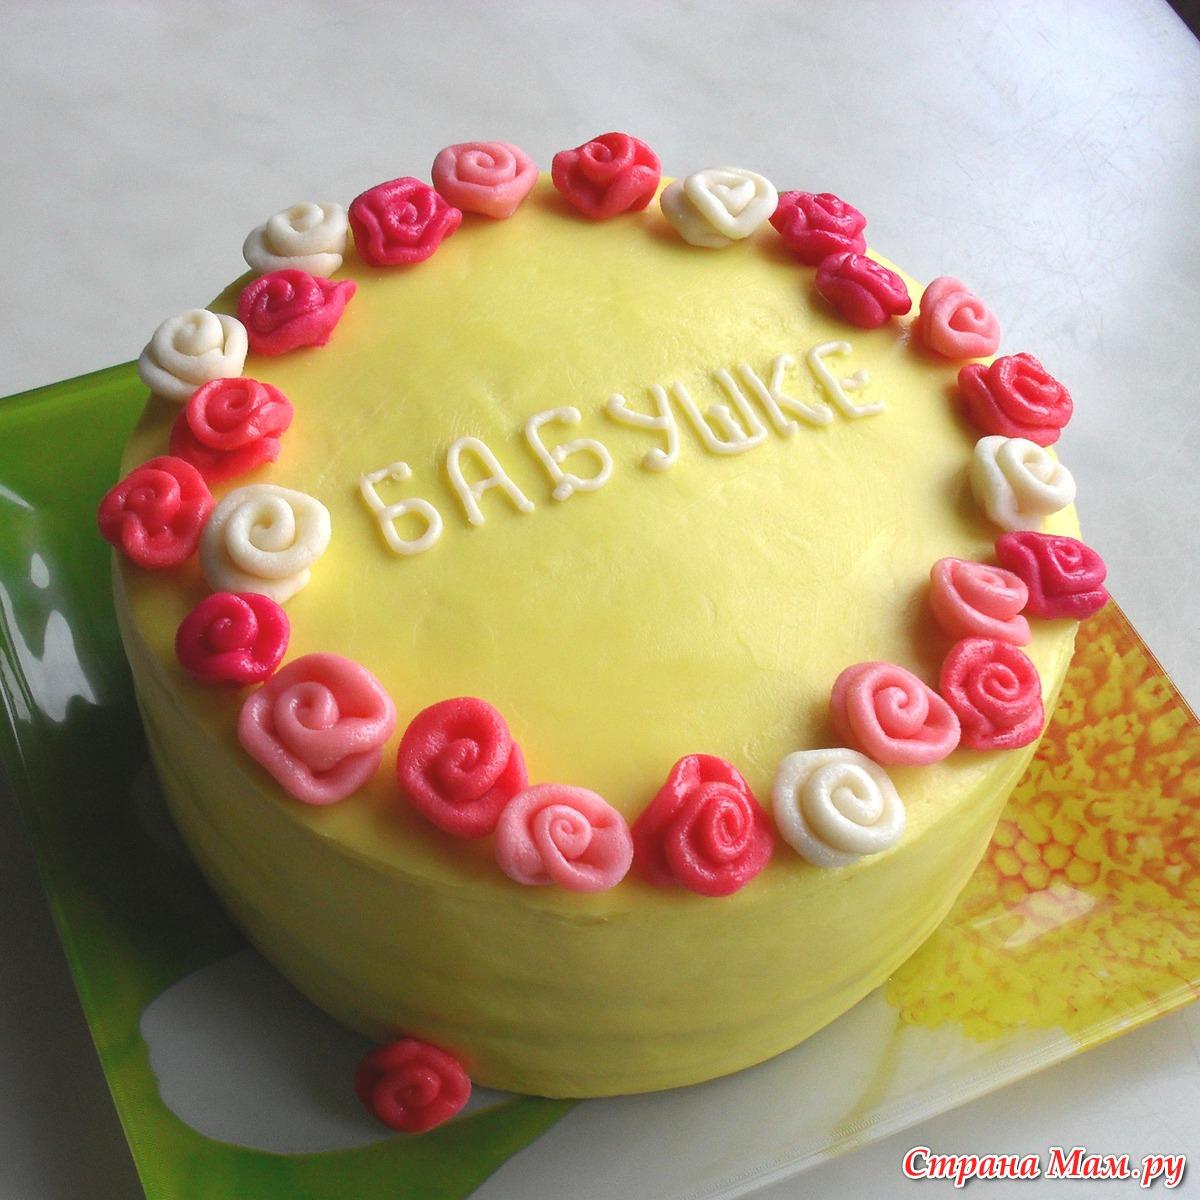 Торт бабушке на день рождения своими руками картинки 1018